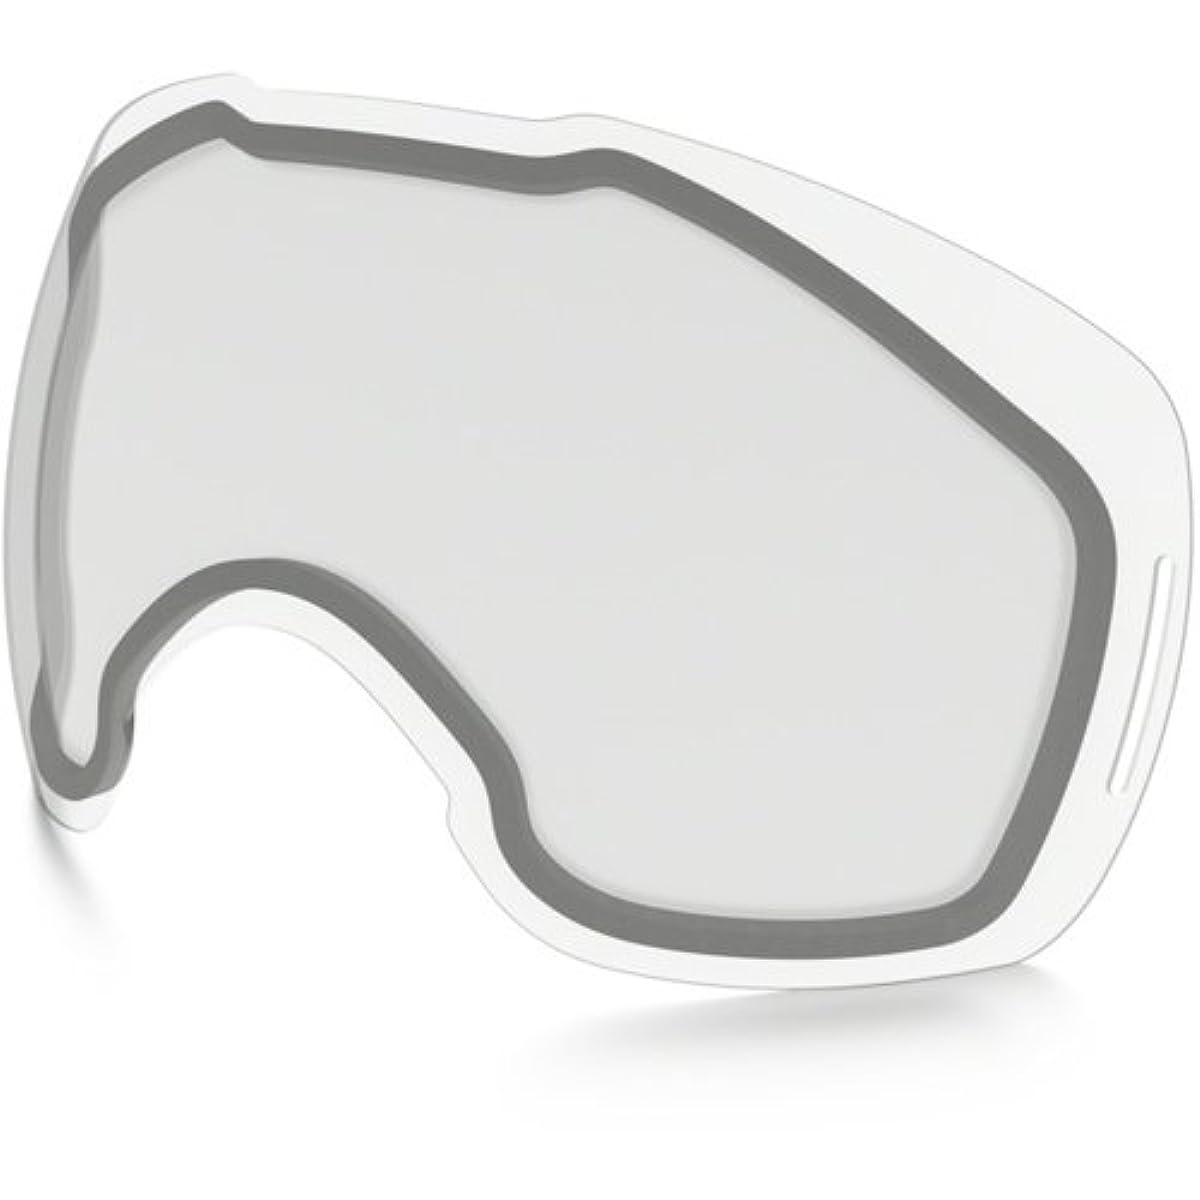 [해외] OAKLEY(오클리) 스노우 고글 교환용 렌즈 CLEAR LENS 클리어 렌즈 흐림~나이트 게임(nighter) 악천후 AIR BRAKE XL 용 에어 브레이크 XL 일본 정규품 AIRBRAKE-XL-LENS-D- (SIZE:FREE|COLOR:CLEAR)